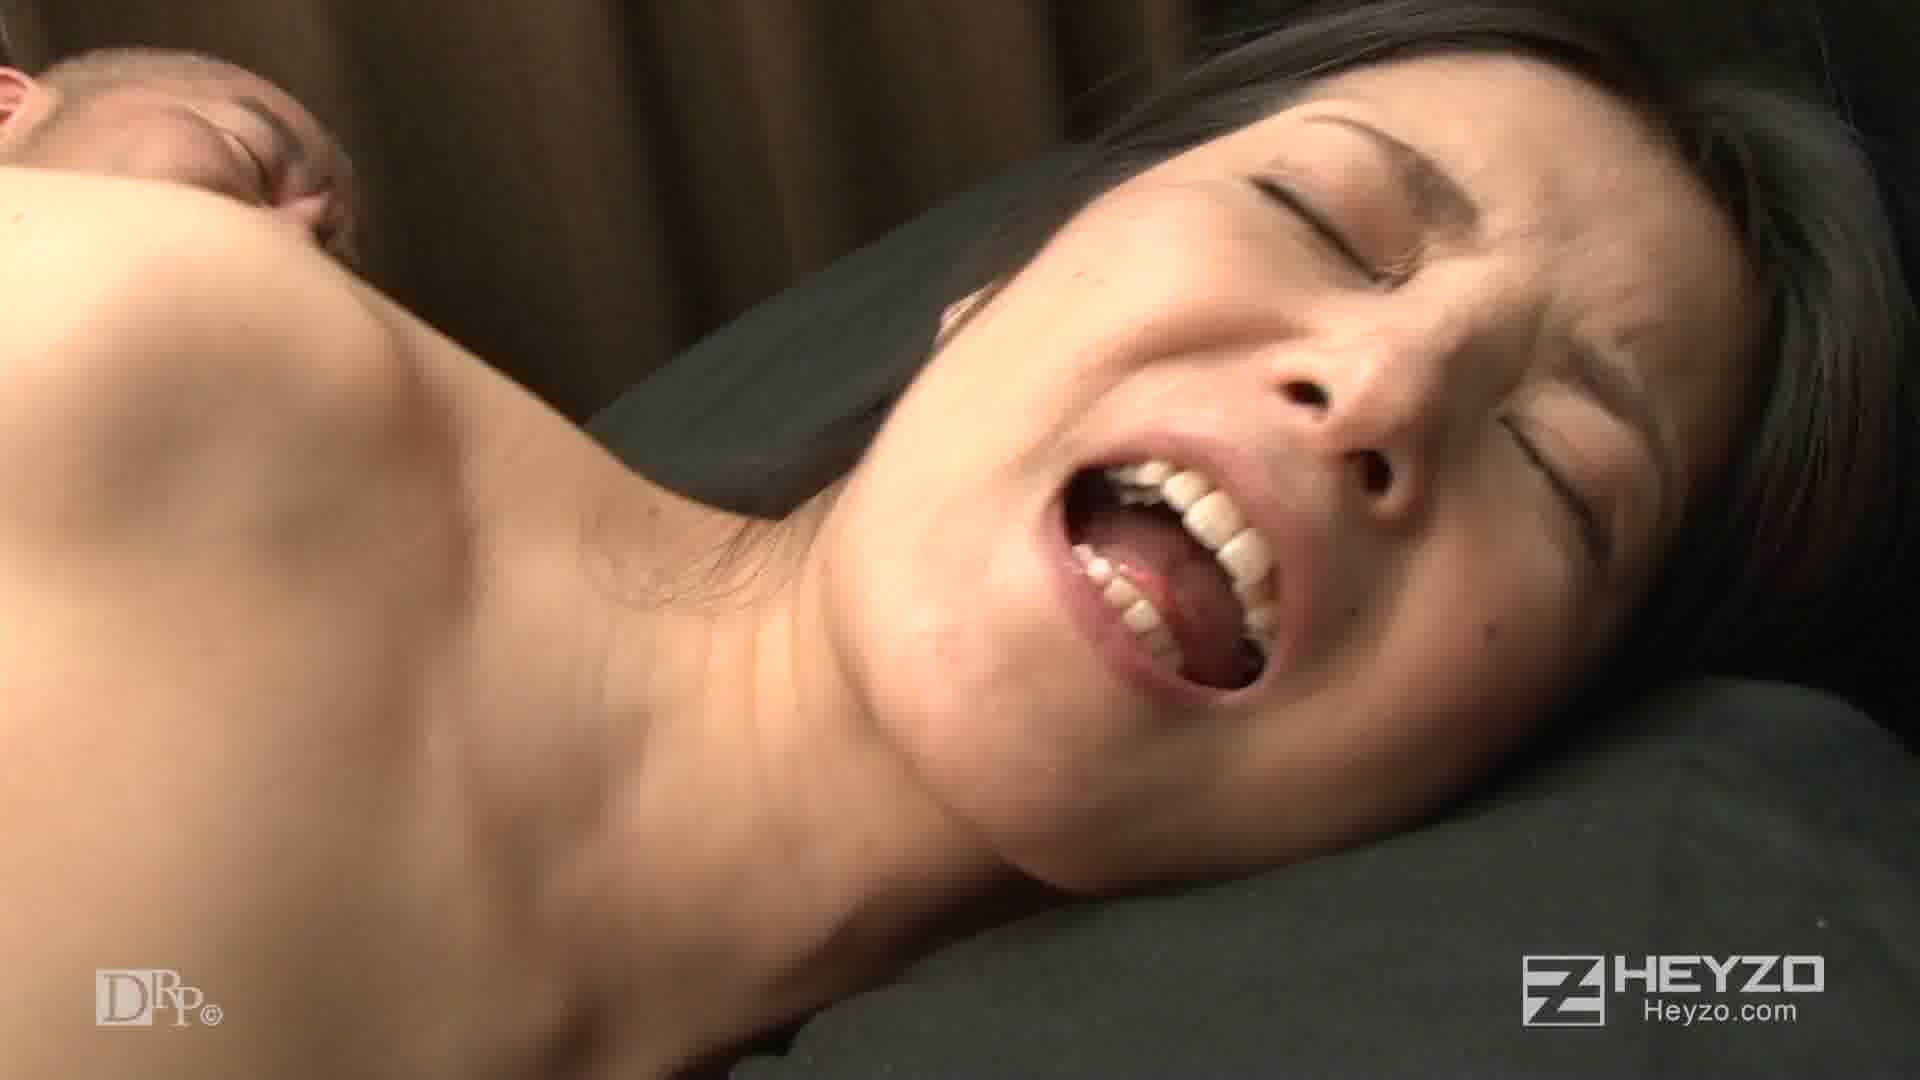 欲求不満の隣の奥さん~開放された性欲フルスロットル~ - 相澤かな【正常位 側位 バック フェラ 中出し】